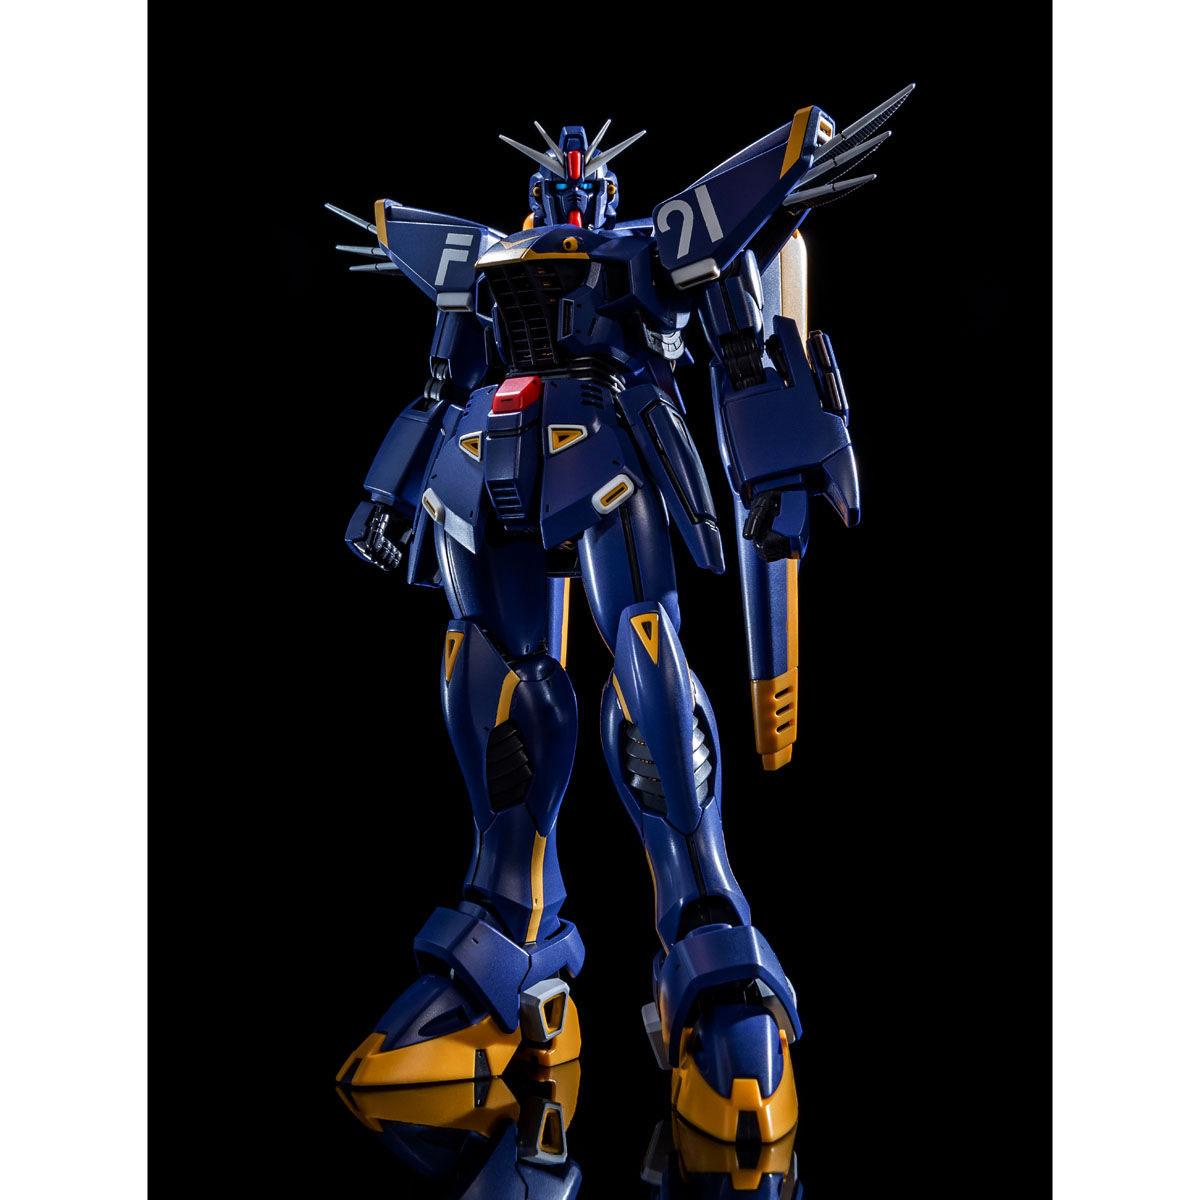 【限定販売】MG 1/100『ガンダムF91 Ver.2.0(ハリソン・マディン専用機)』プラモデル-009